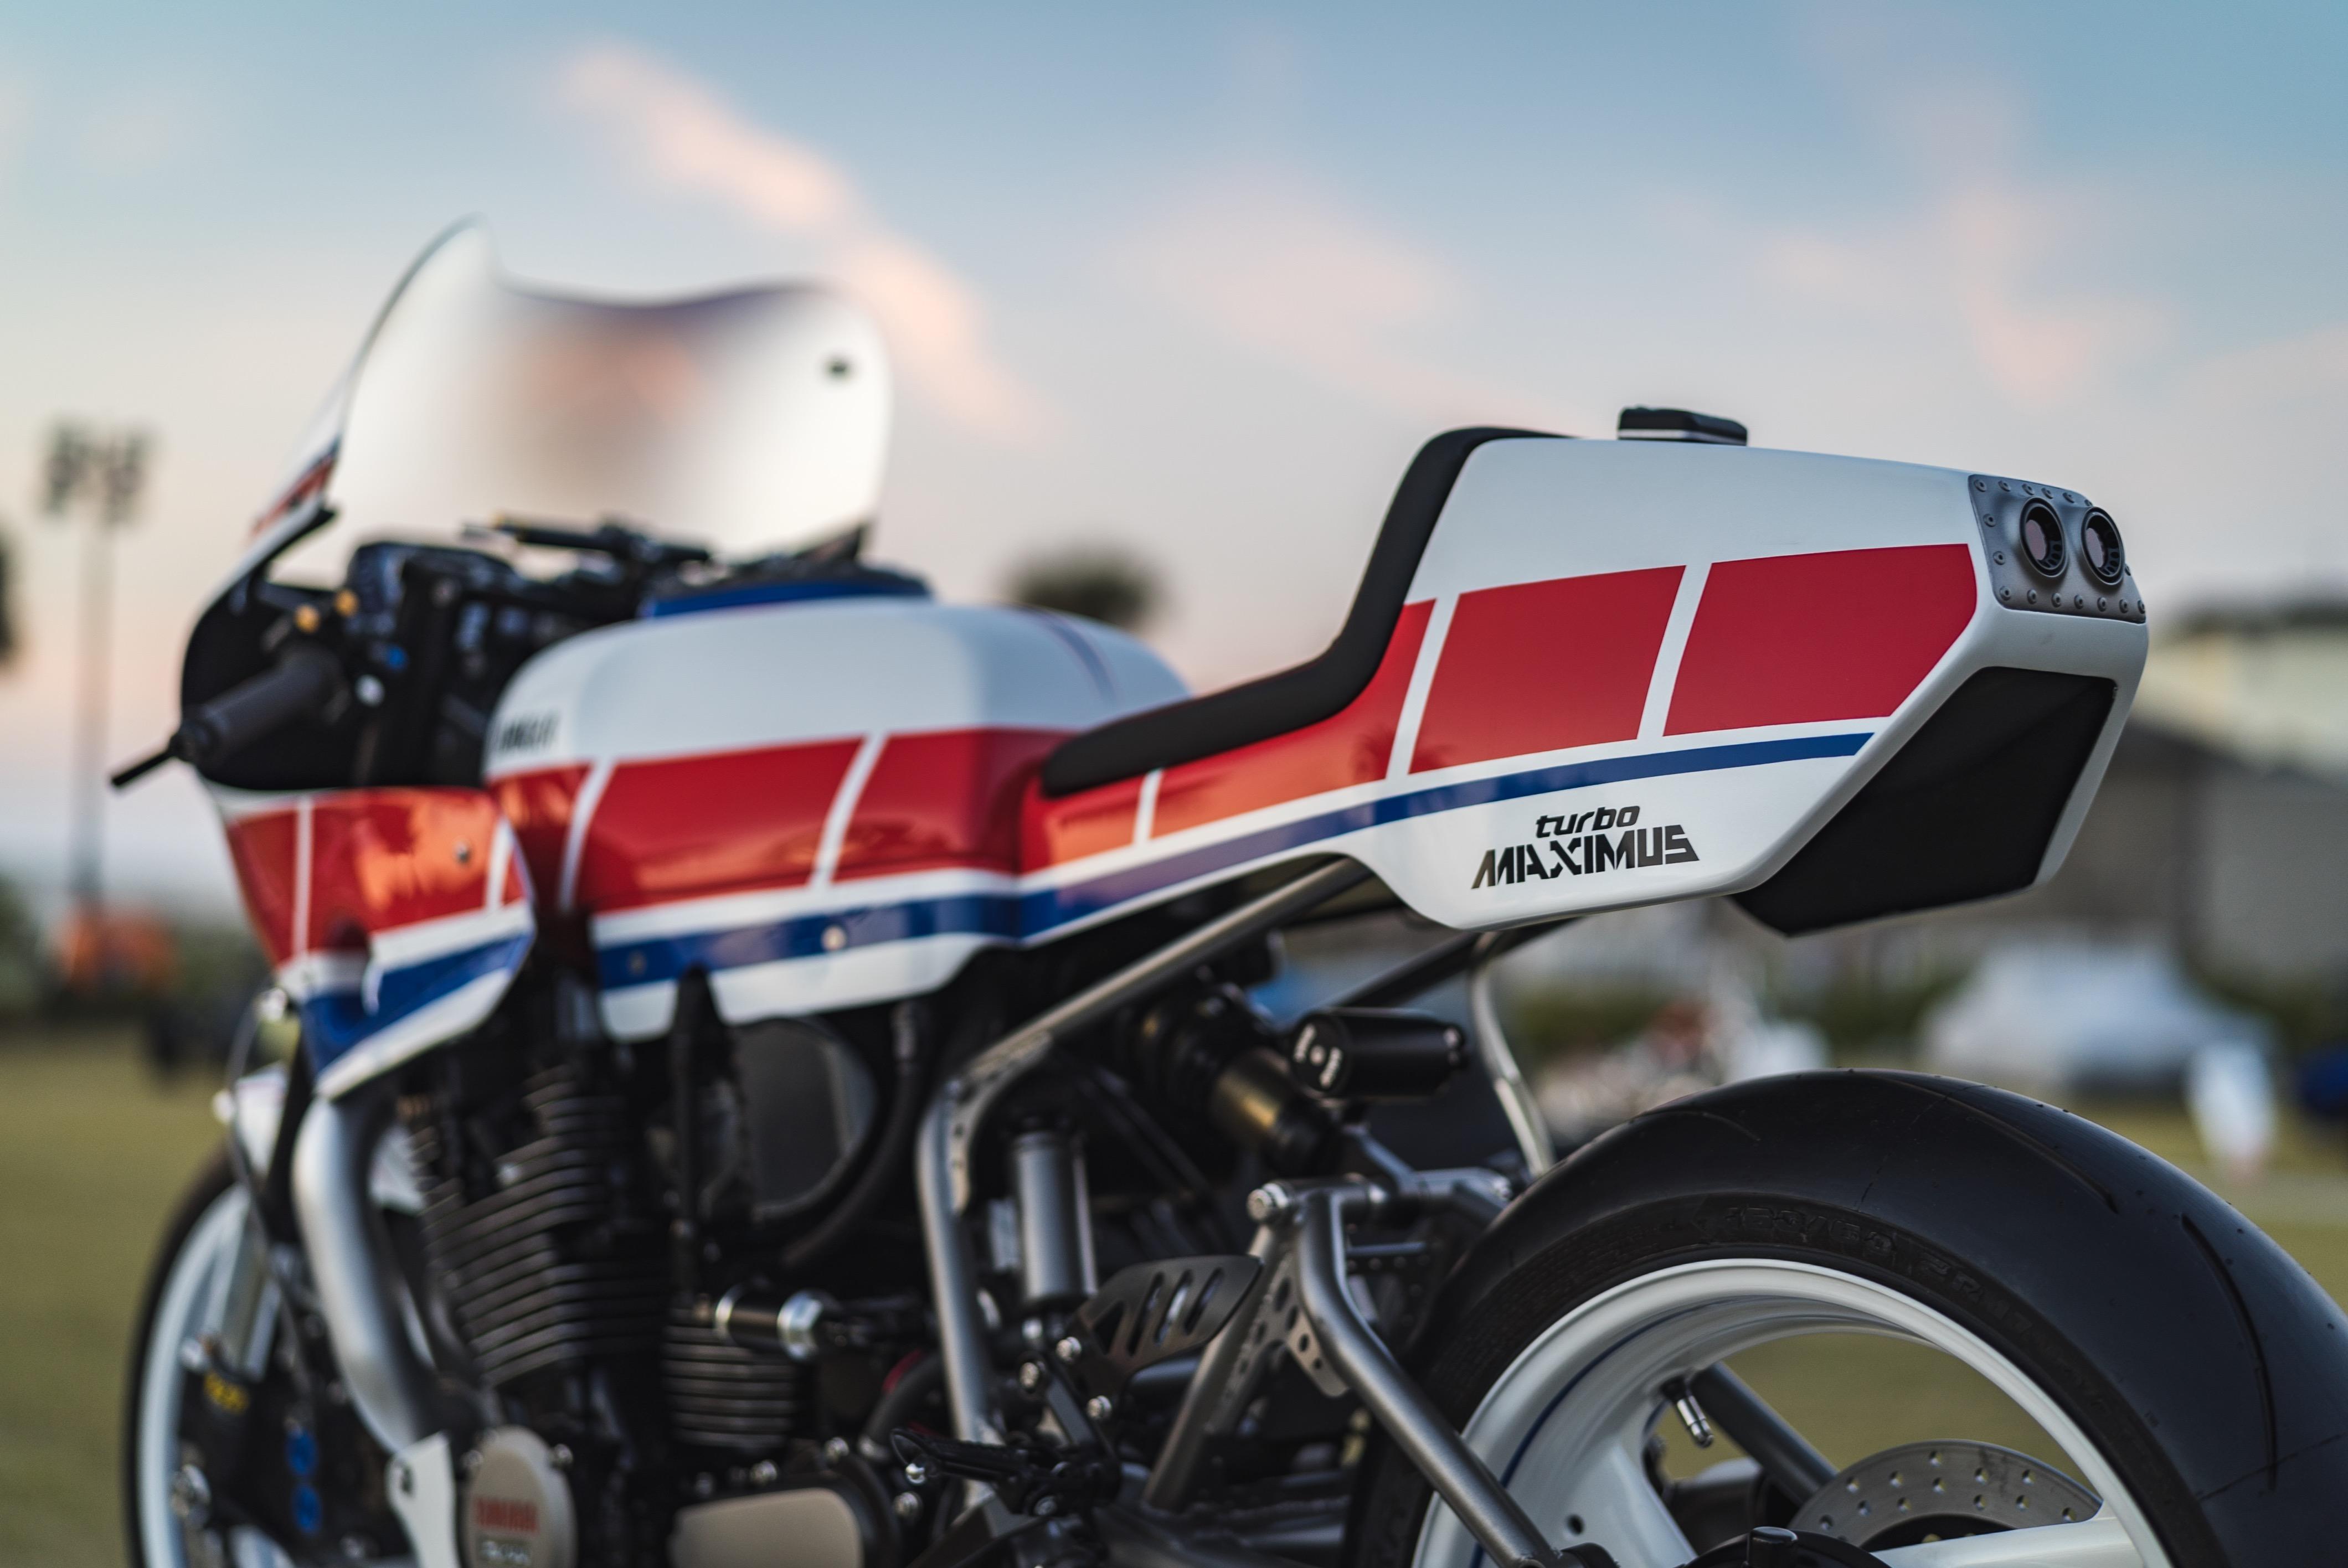 Turbo Maximus Yamaha XJ750 Maxim endurance racer